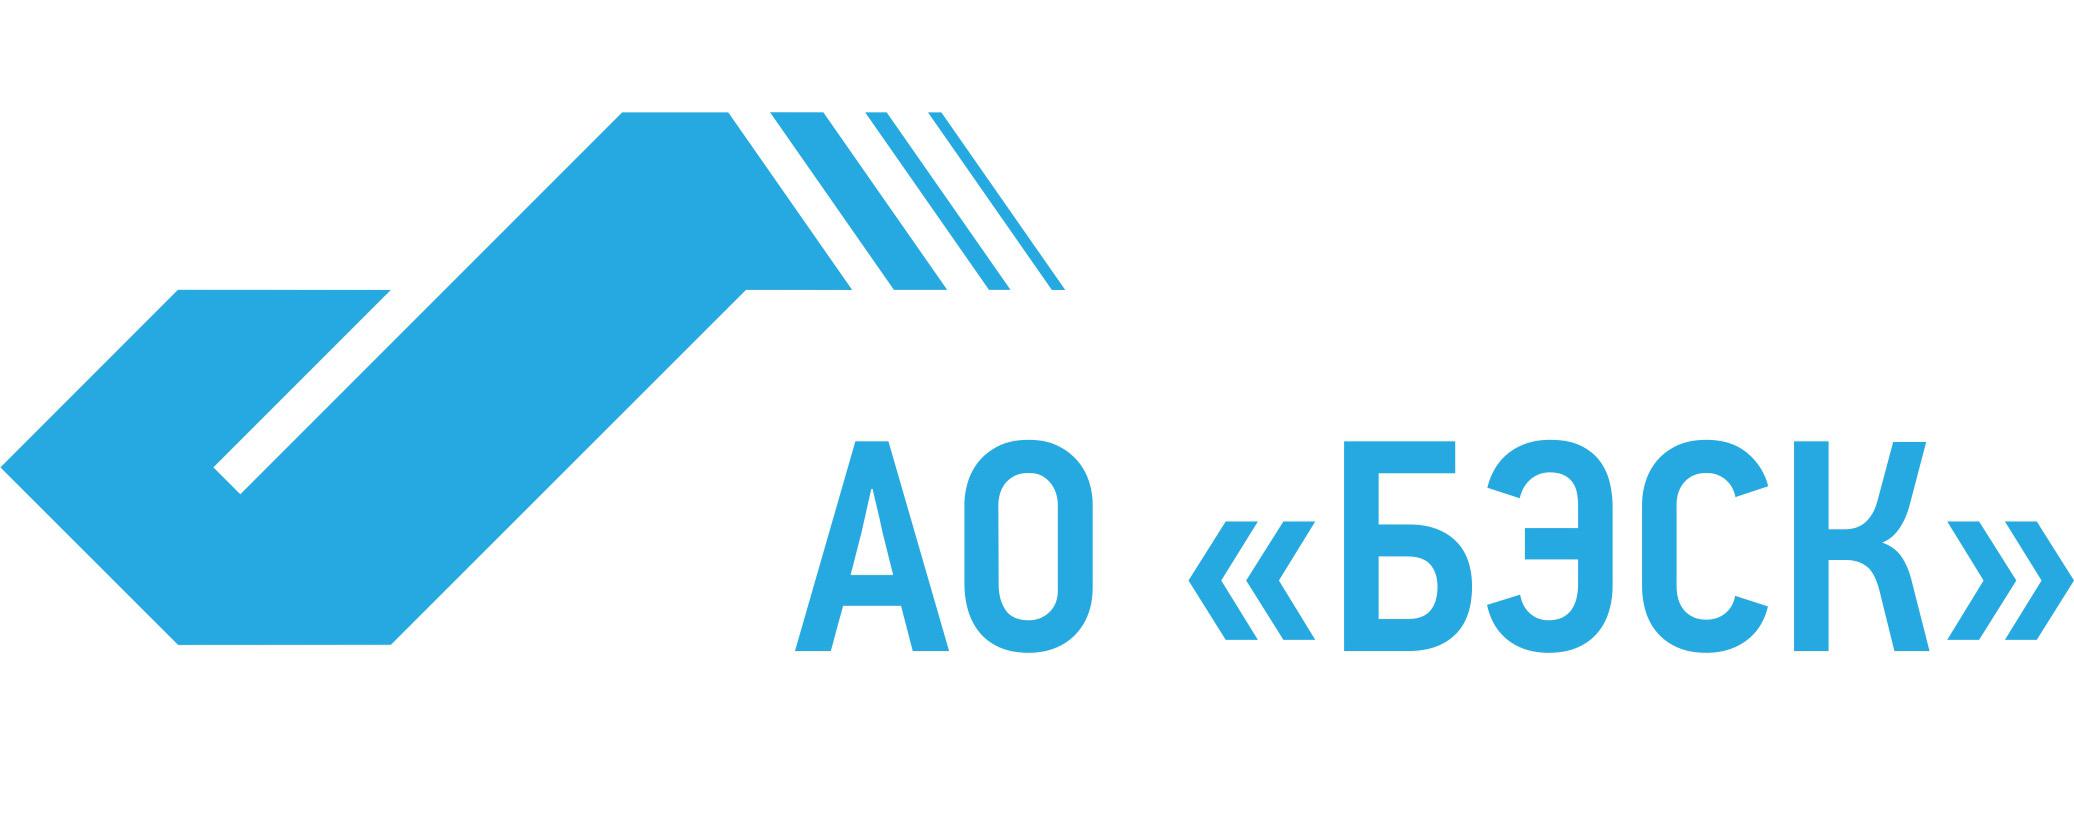 Братская электросетевая компания официальный сайт конструктор создания сайта для учителя бесплатно